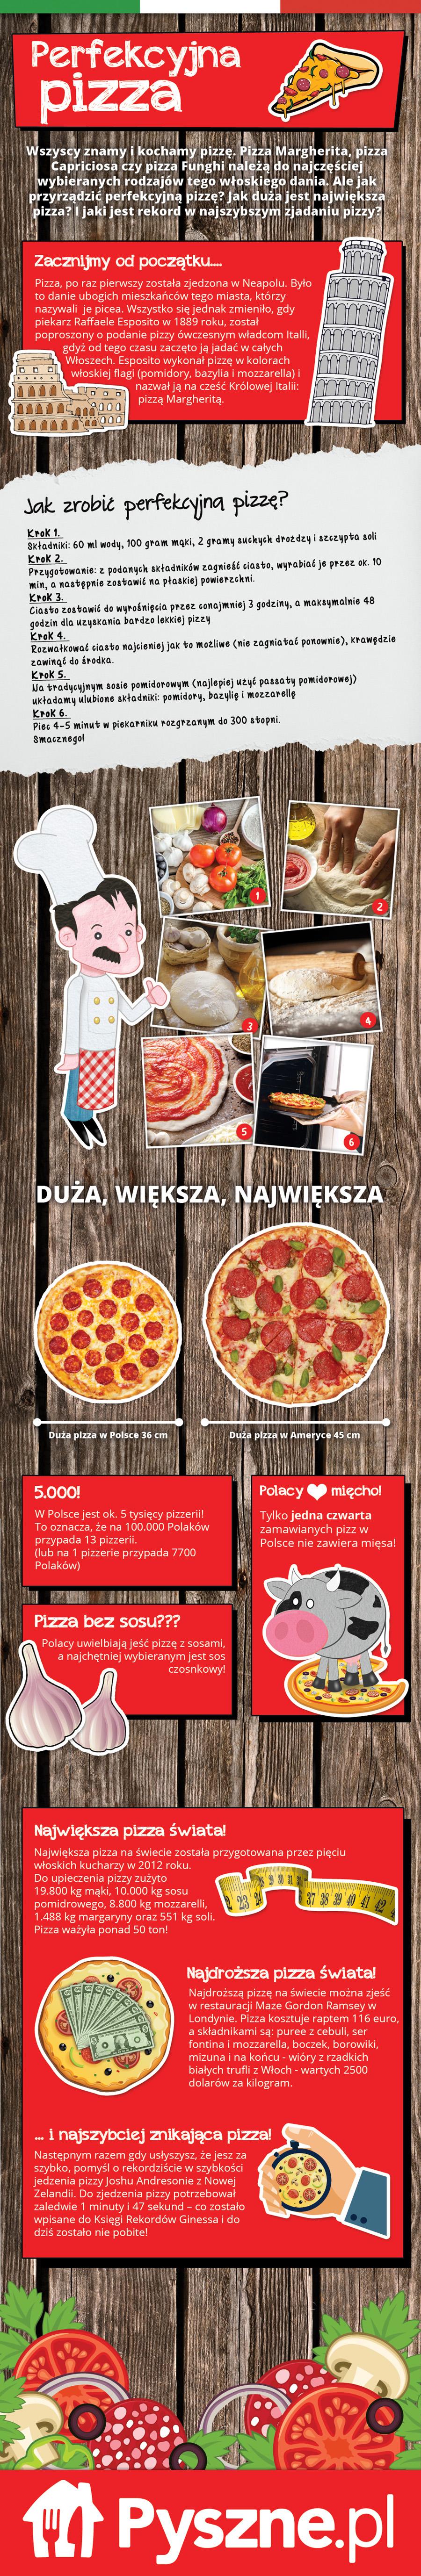 perfekcyjna pizza